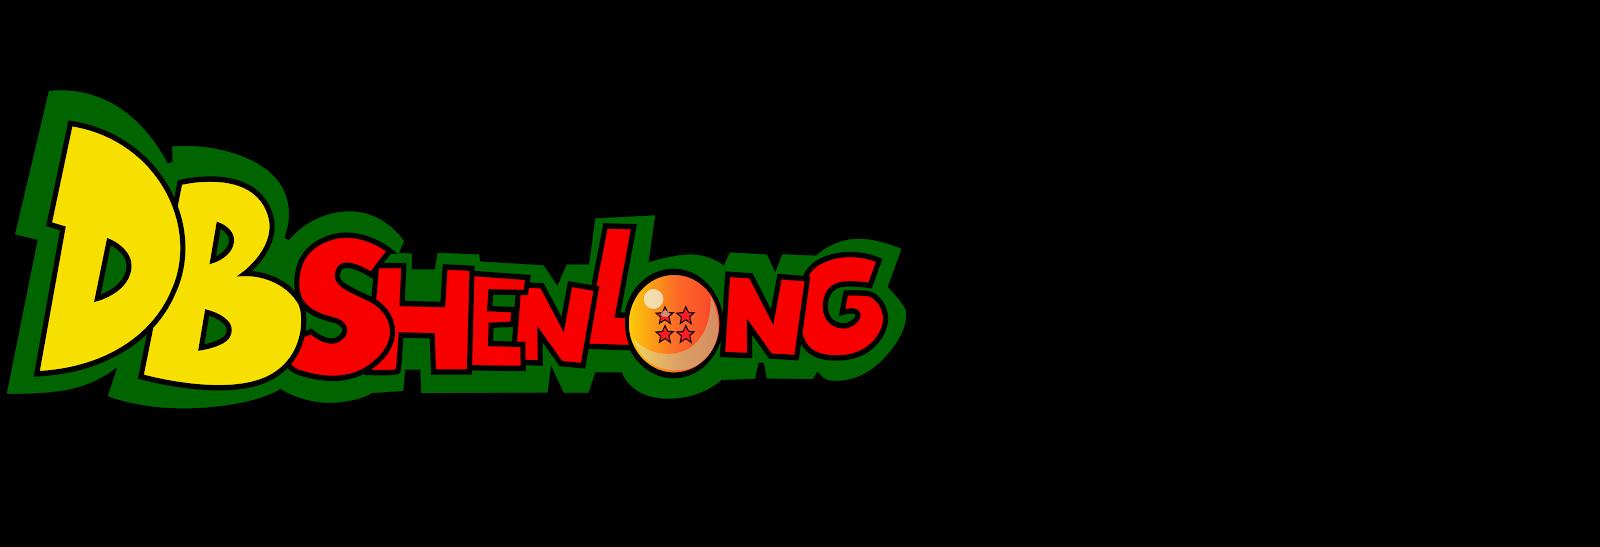 DbShenLong